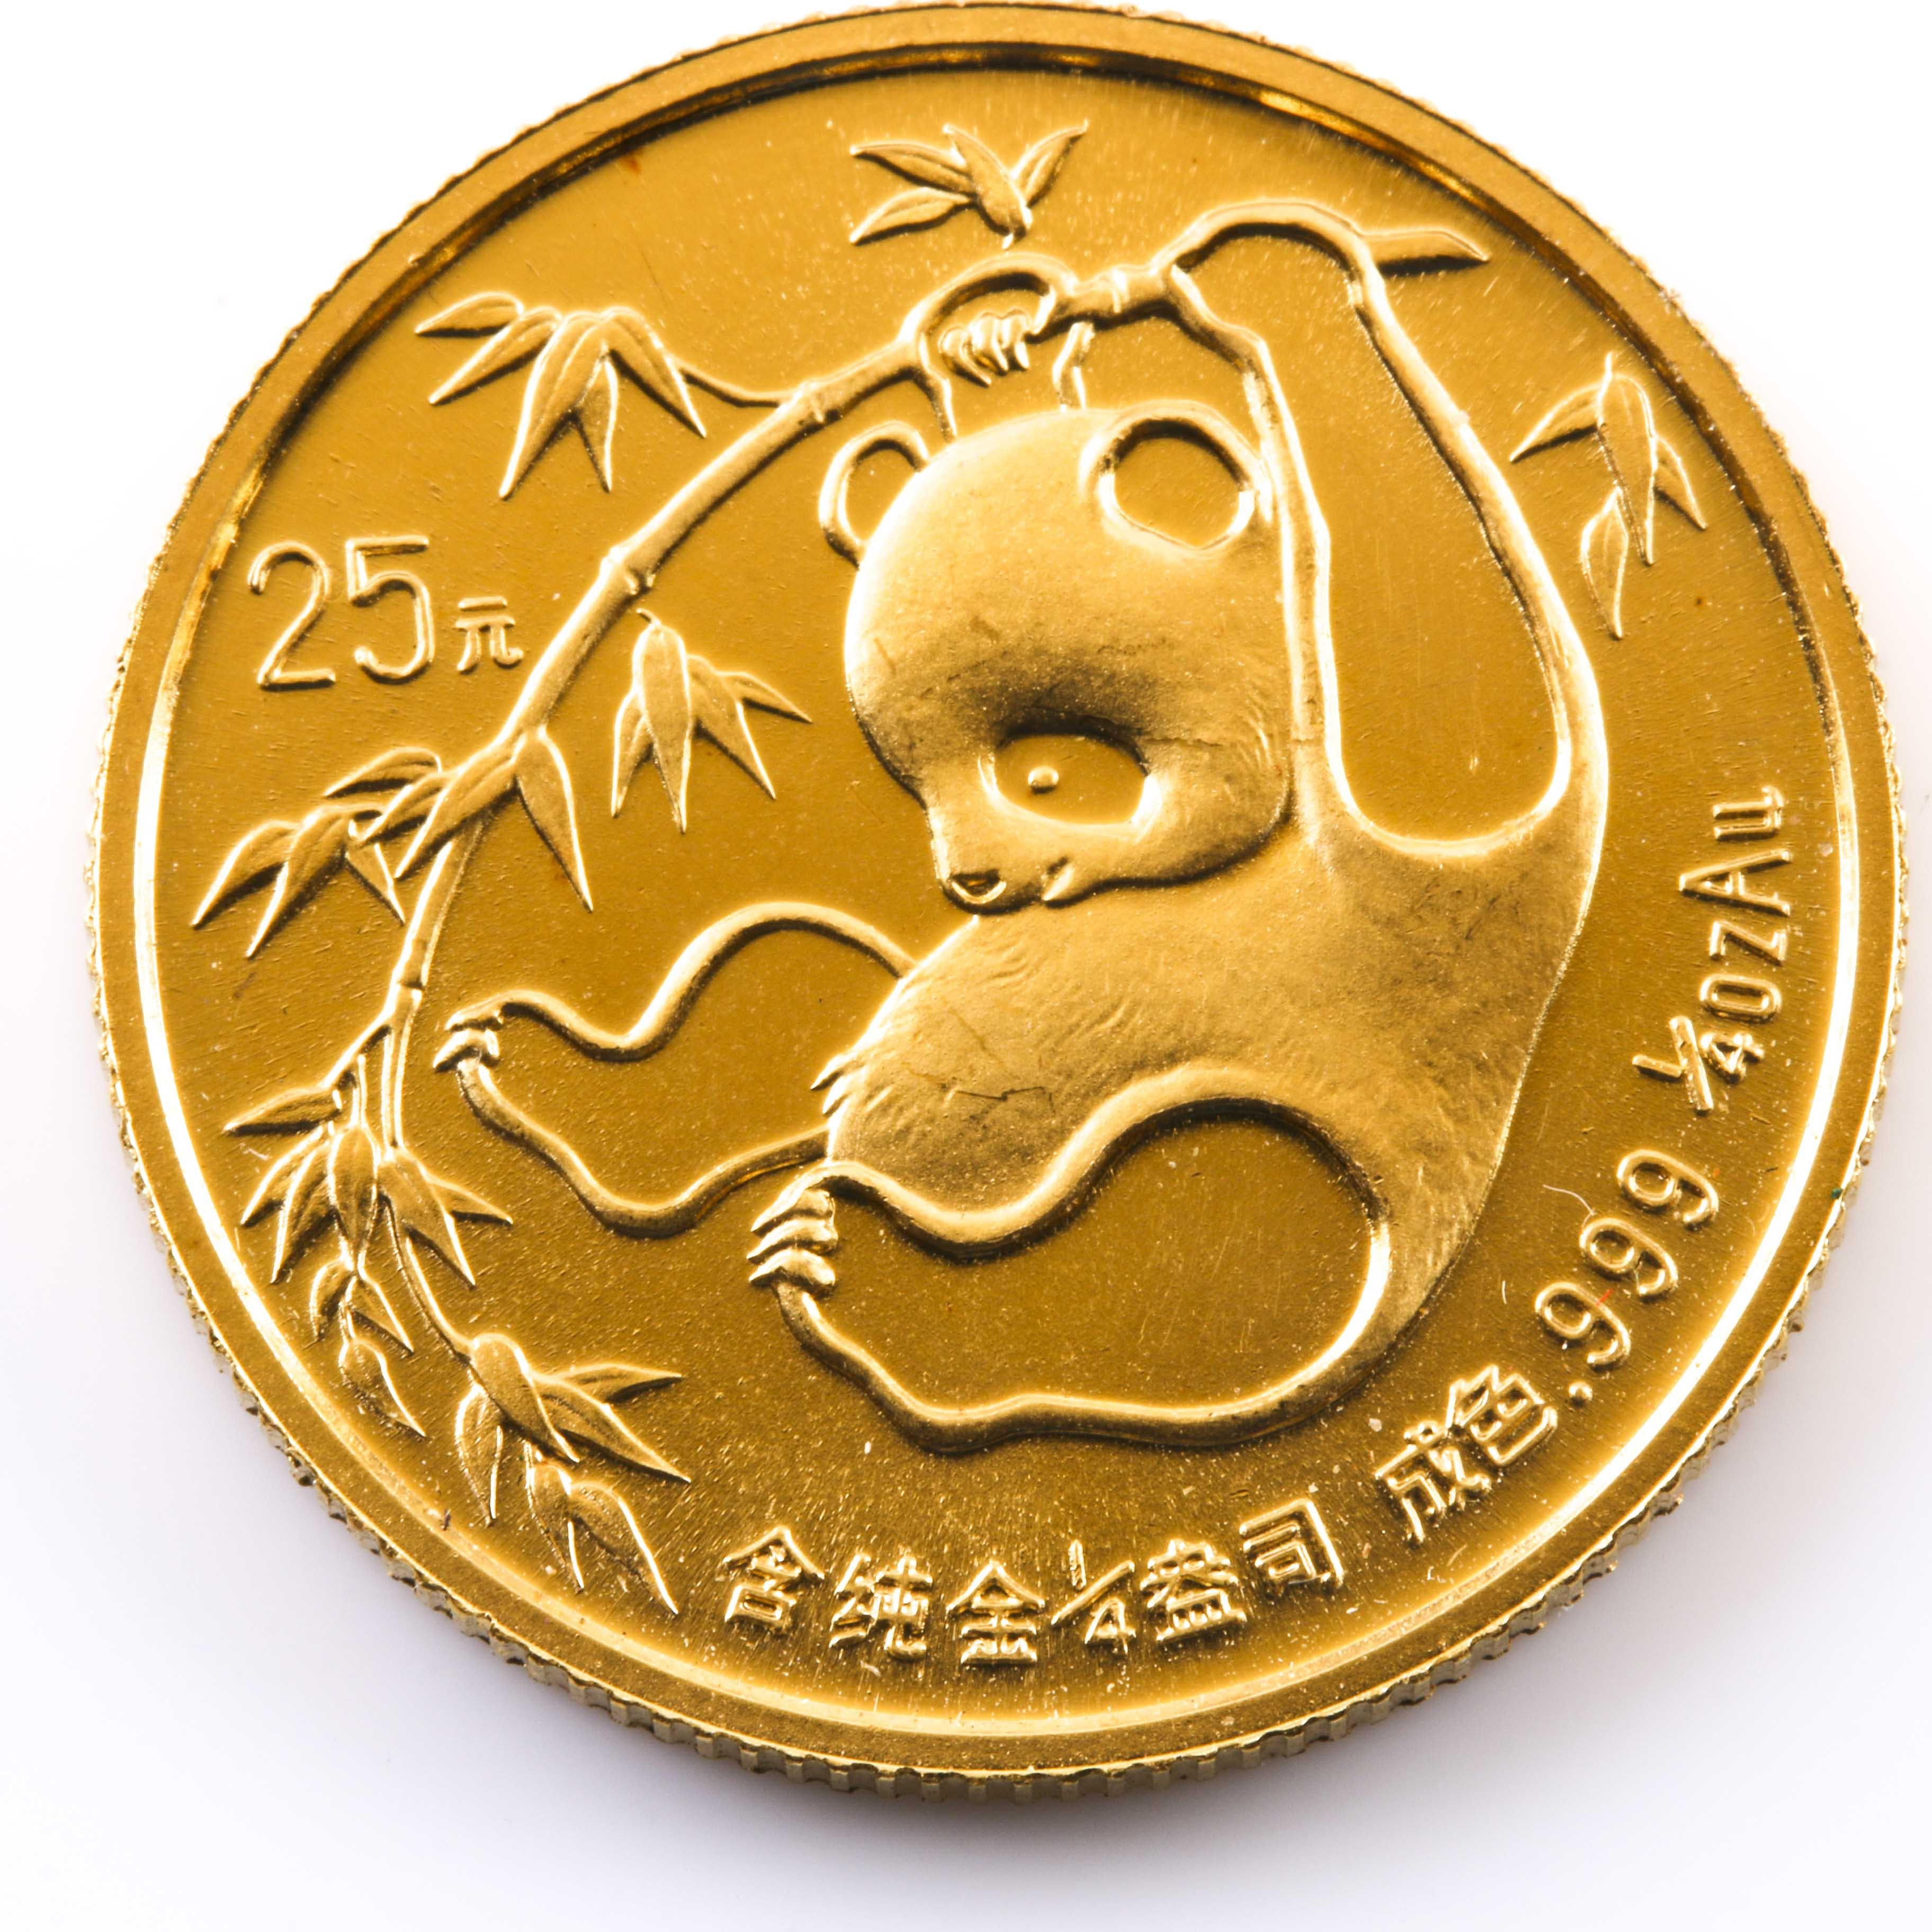 1985 China Gold Panda 1/4 Ounce 25 Yuan